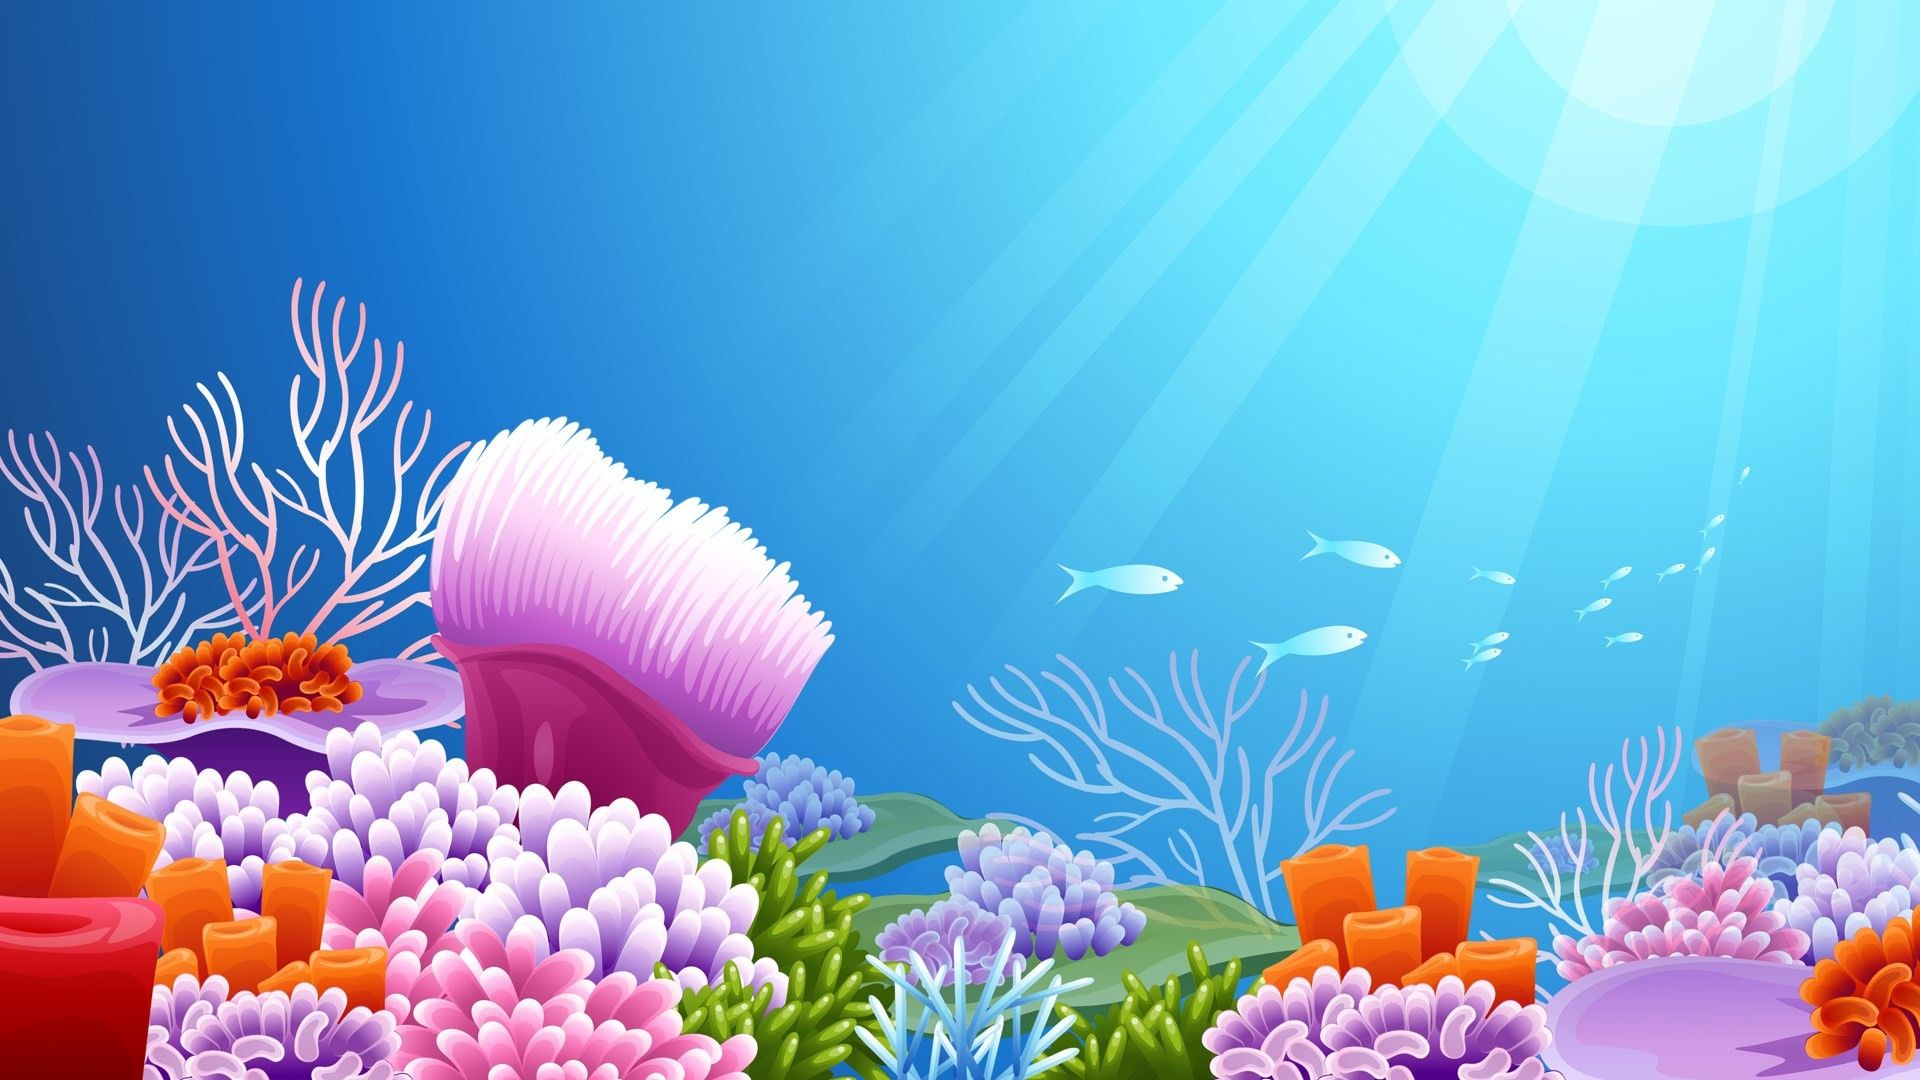 Aquarium Desktop Wallpaper 1920x1080 For Samsung Galaxy Aquarium Backgrounds Wallpaper Wallpaper Photo Gallery